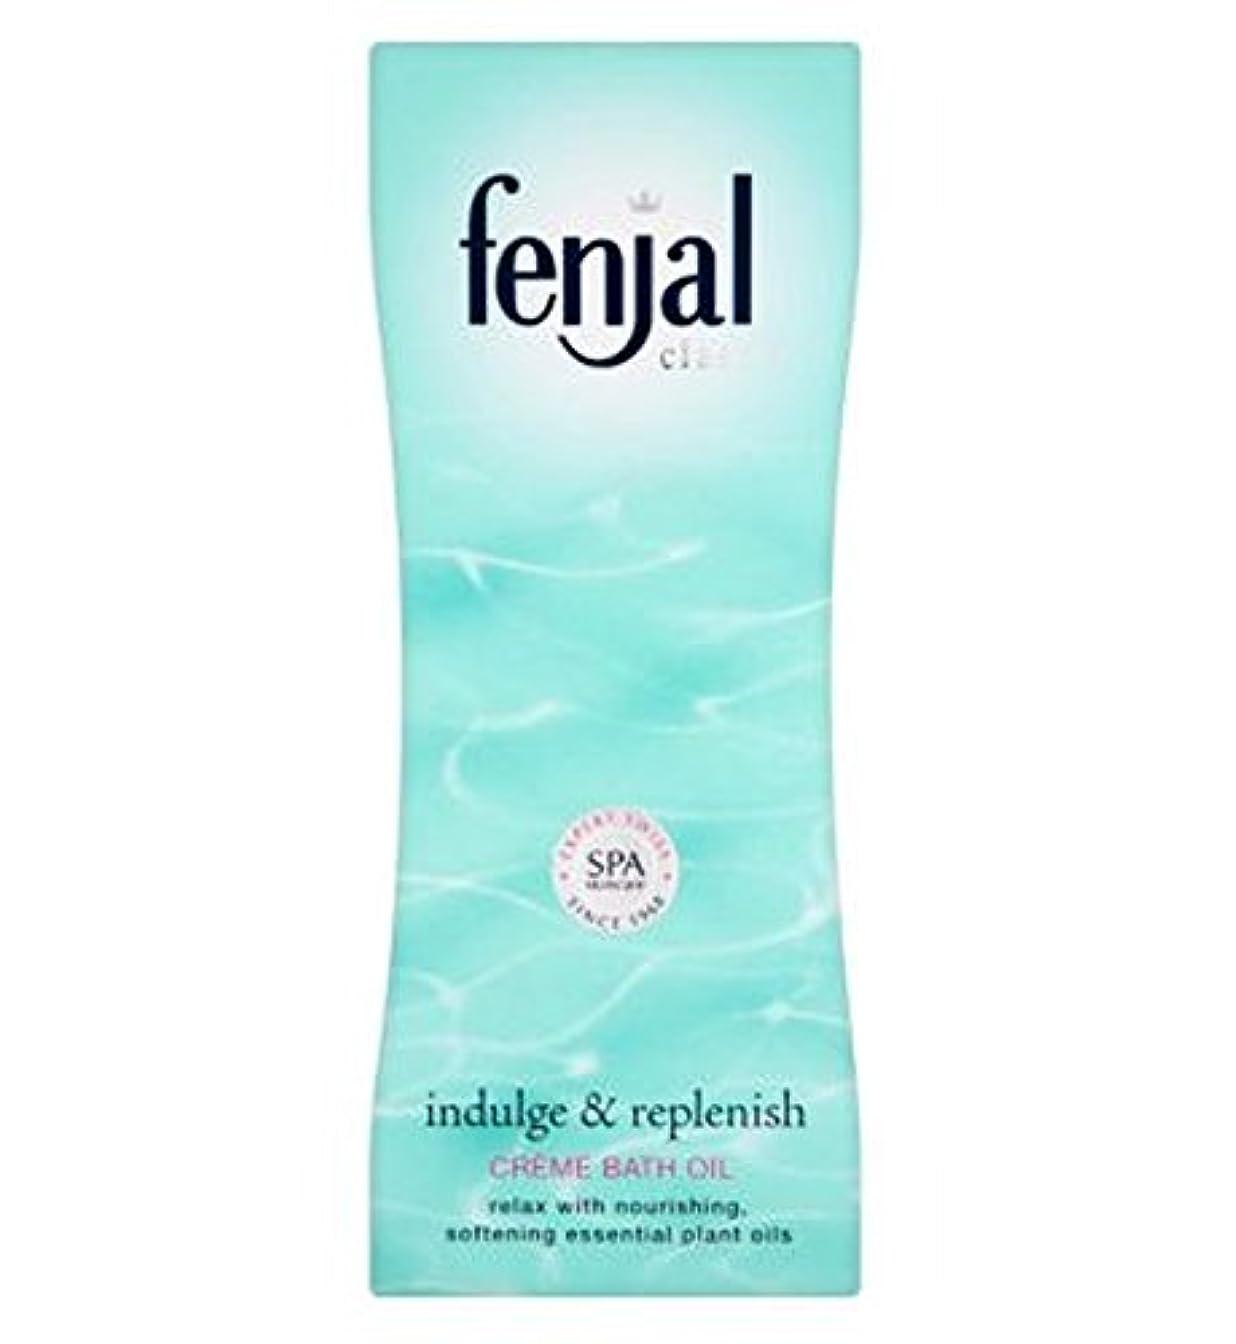 劇的コンピューターを使用するハドルFenjal古典的な高級クリームバスオイル (Fenjal) (x2) - Fenjal Classic Luxury Creme Bath Oil (Pack of 2) [並行輸入品]